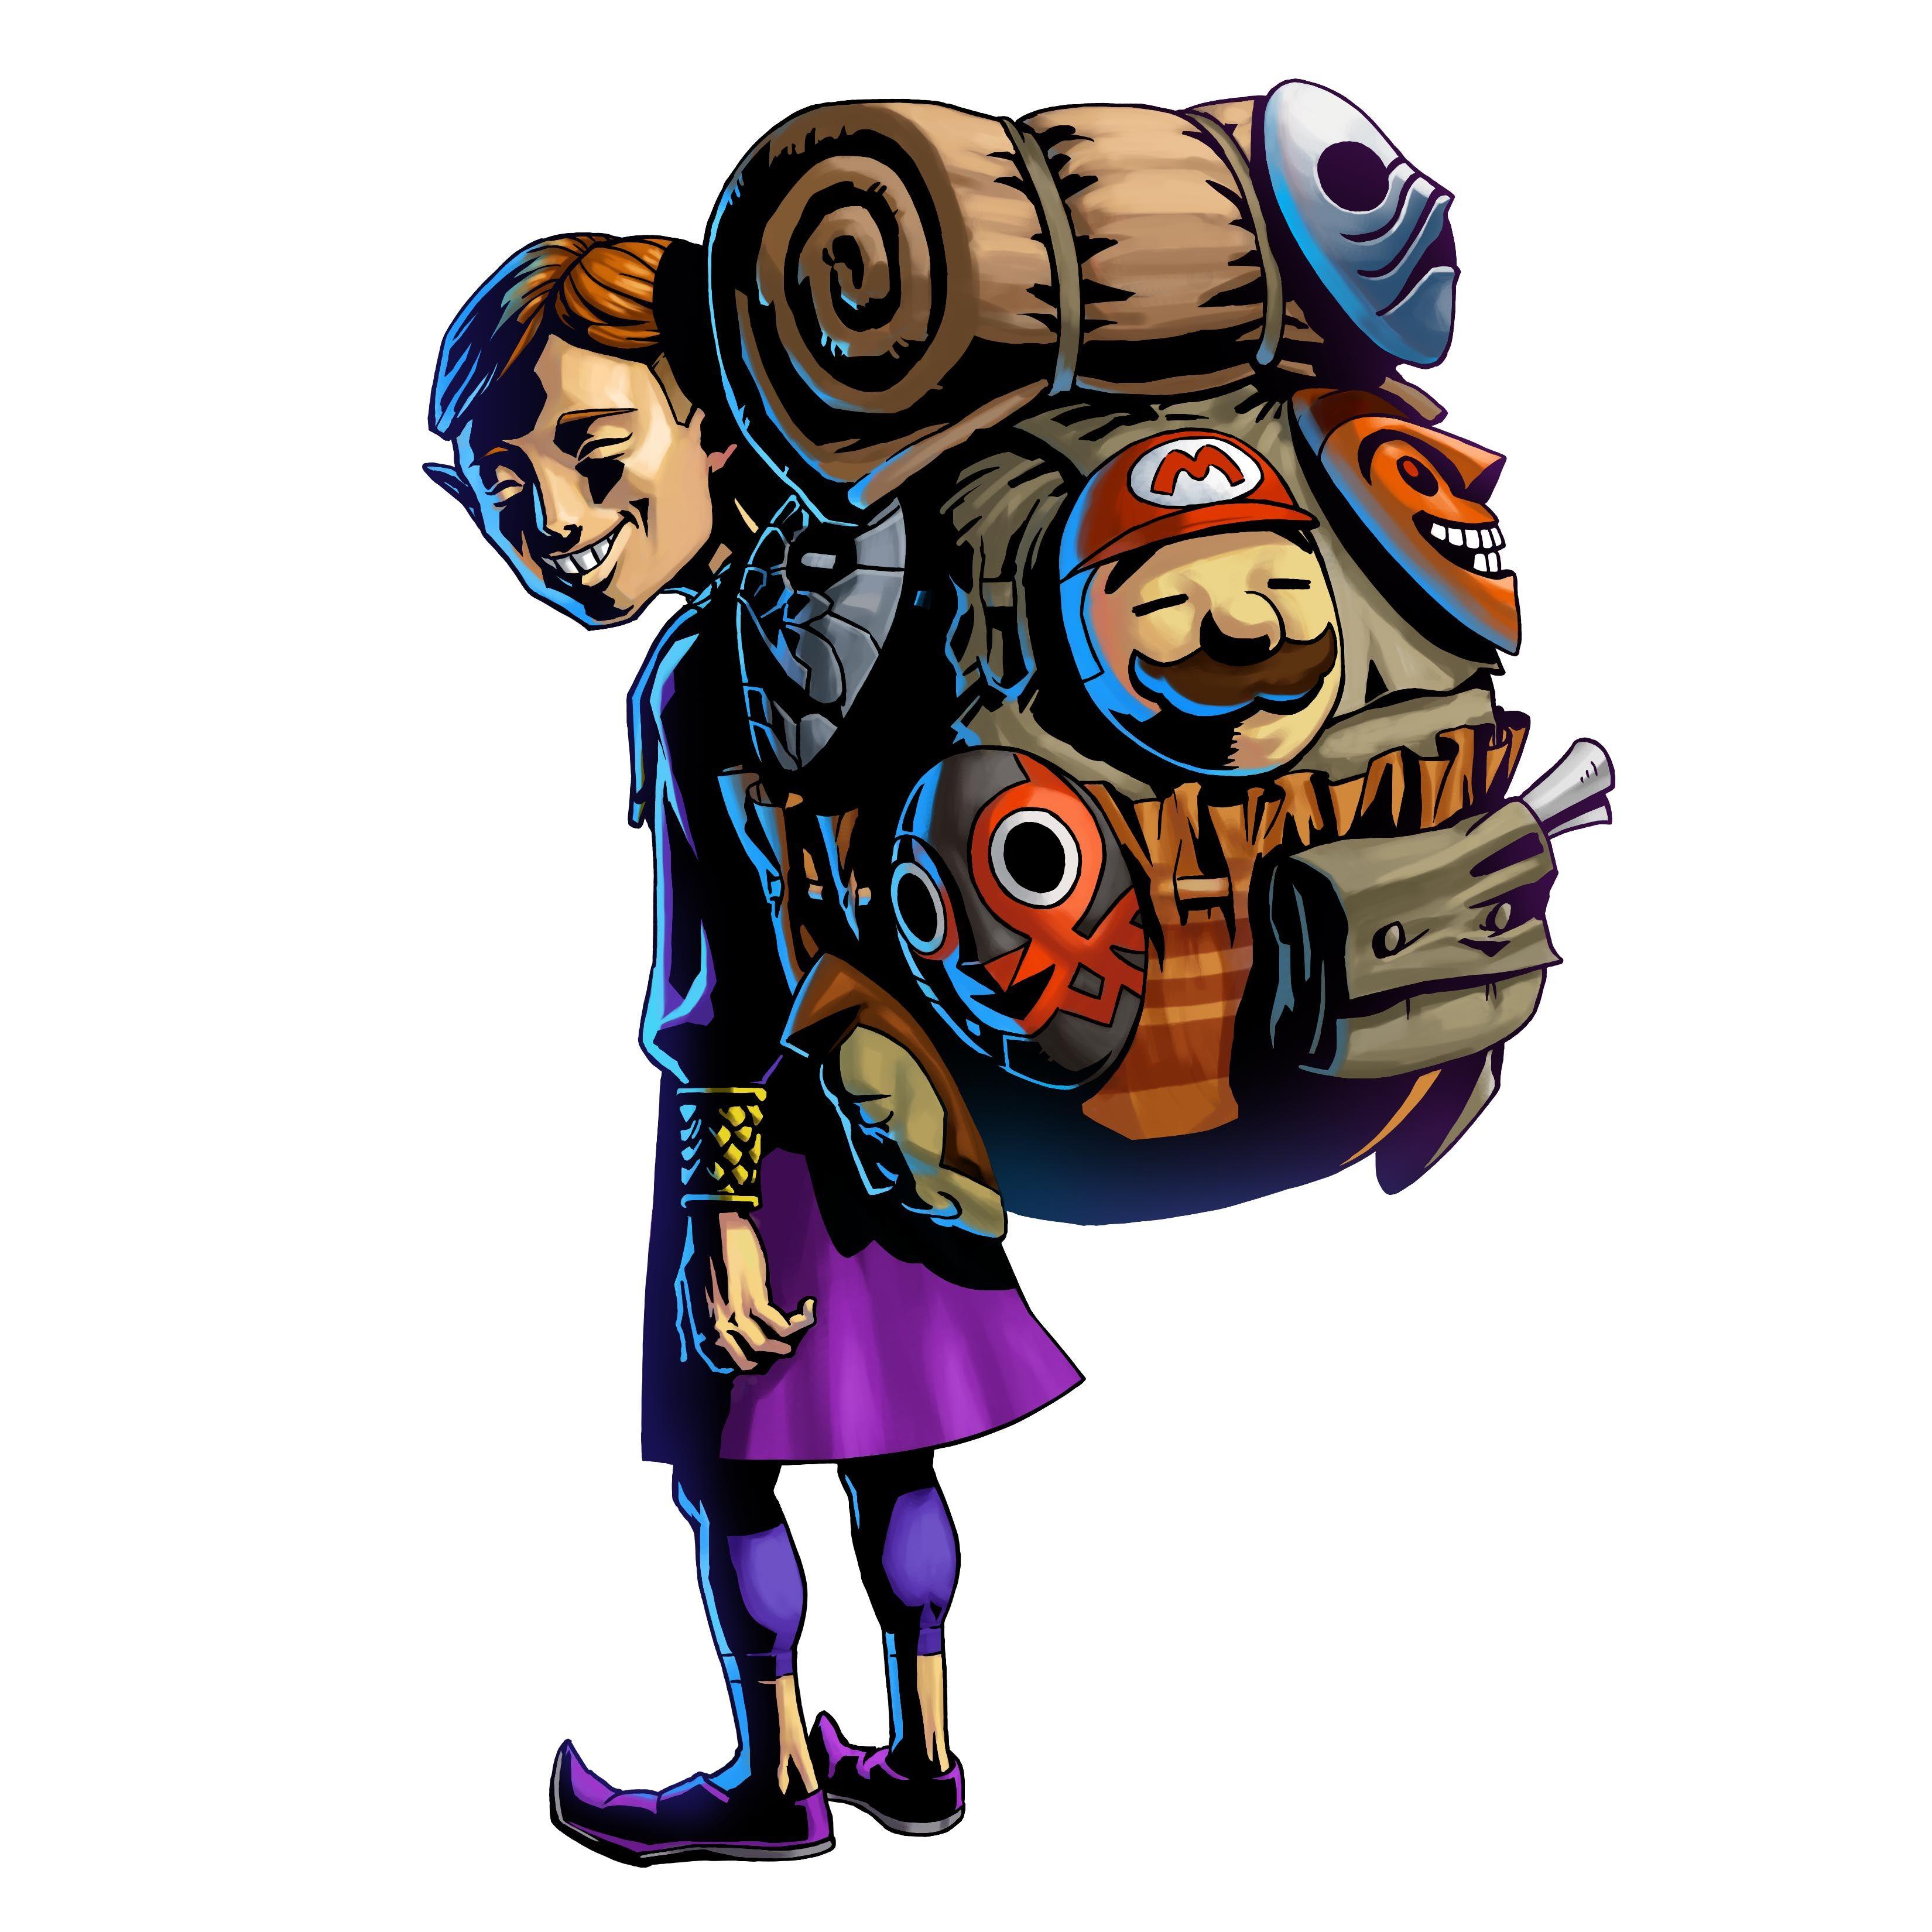 Legend of Zelda: Majora's Mask 3D - Artwork - Happy Mask Salesman ...